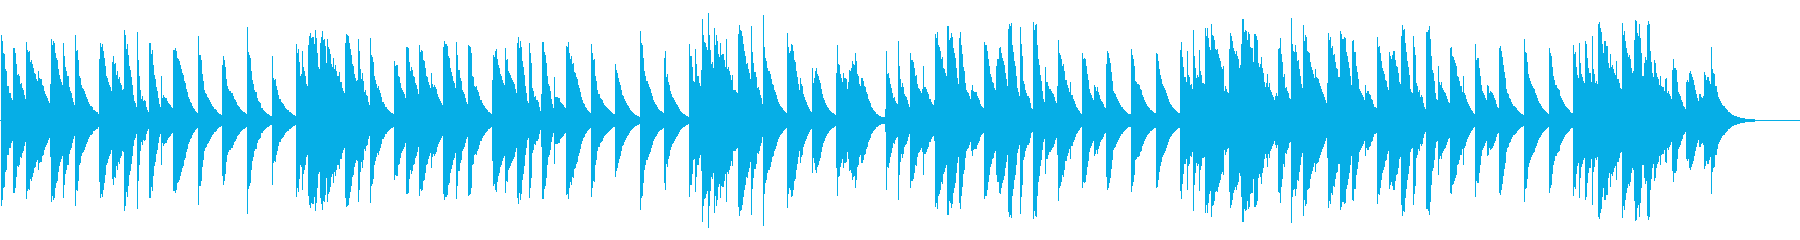 カエルの合唱 カード式オルゴールの再生済みの波形